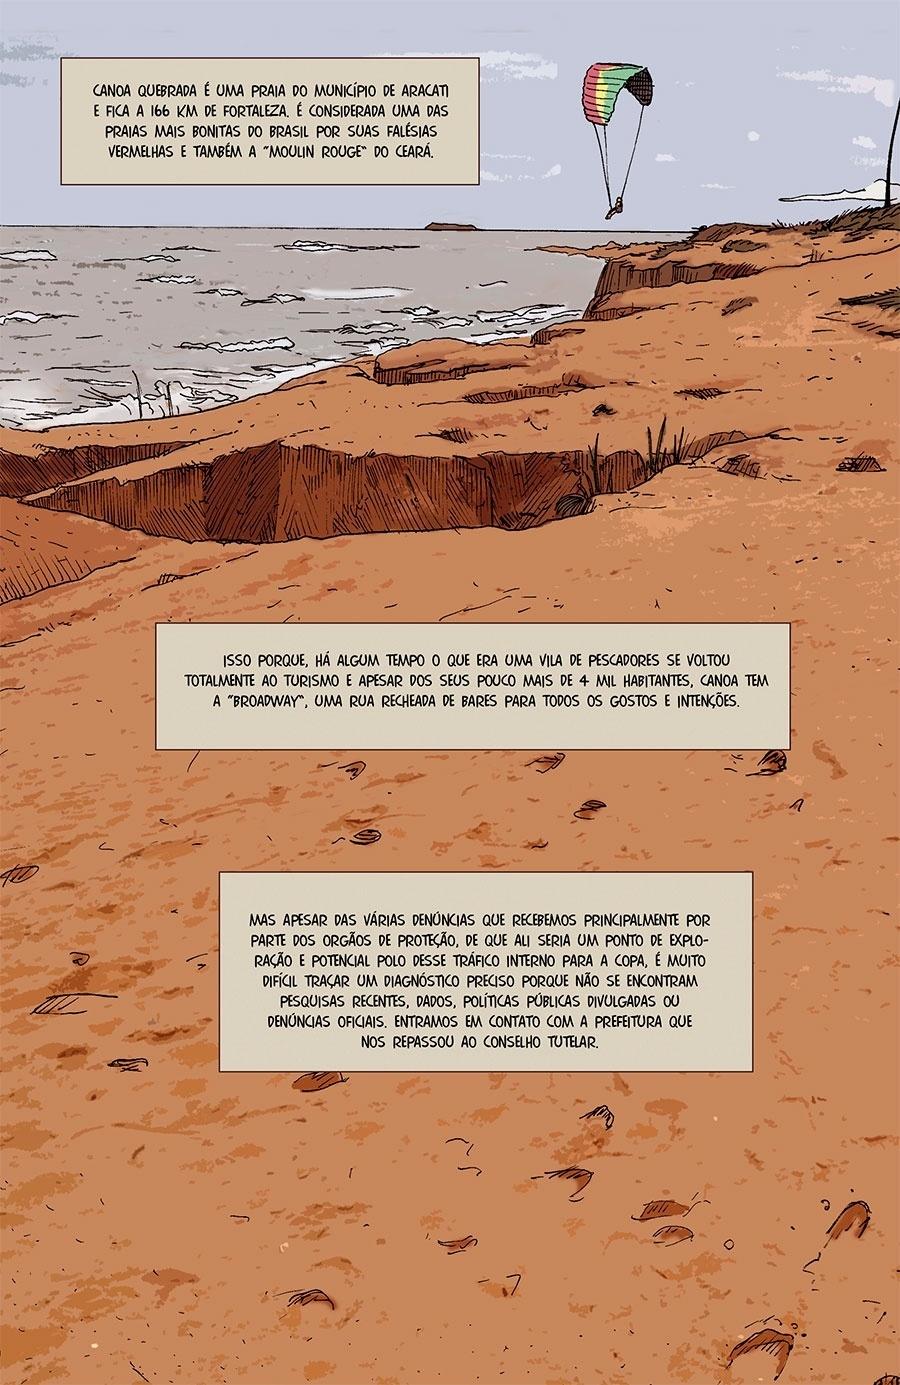 Capítulo 5: Canoa Quebrada é um dos principais destinos turísticos do Ceará, mas não tem dados sobre exploração sexual.